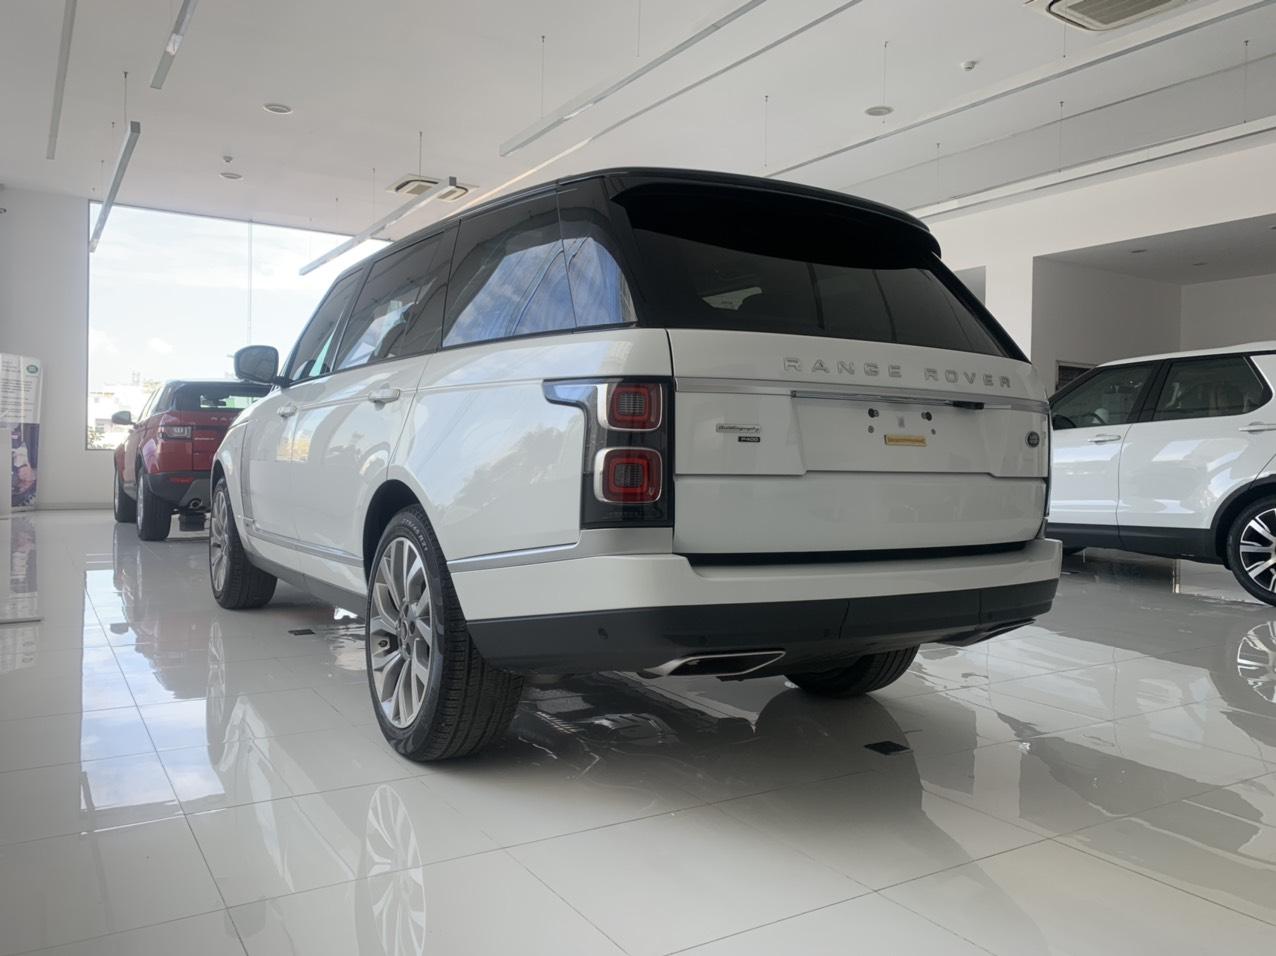 Xe 5 Chỗ SUV Range Rover Thùng To Bản Dài LWB 2020 Autobiography P400 Màu Trắng Giá Bán 11,560 triệu đồng, Phiên Bản Cao Cấp này có 4 ghế massage đá nòng, HUD, Phanh Khoảng cách tự động, hộc lạnh, nhập khẩu nguyên chiếc chính hãng,